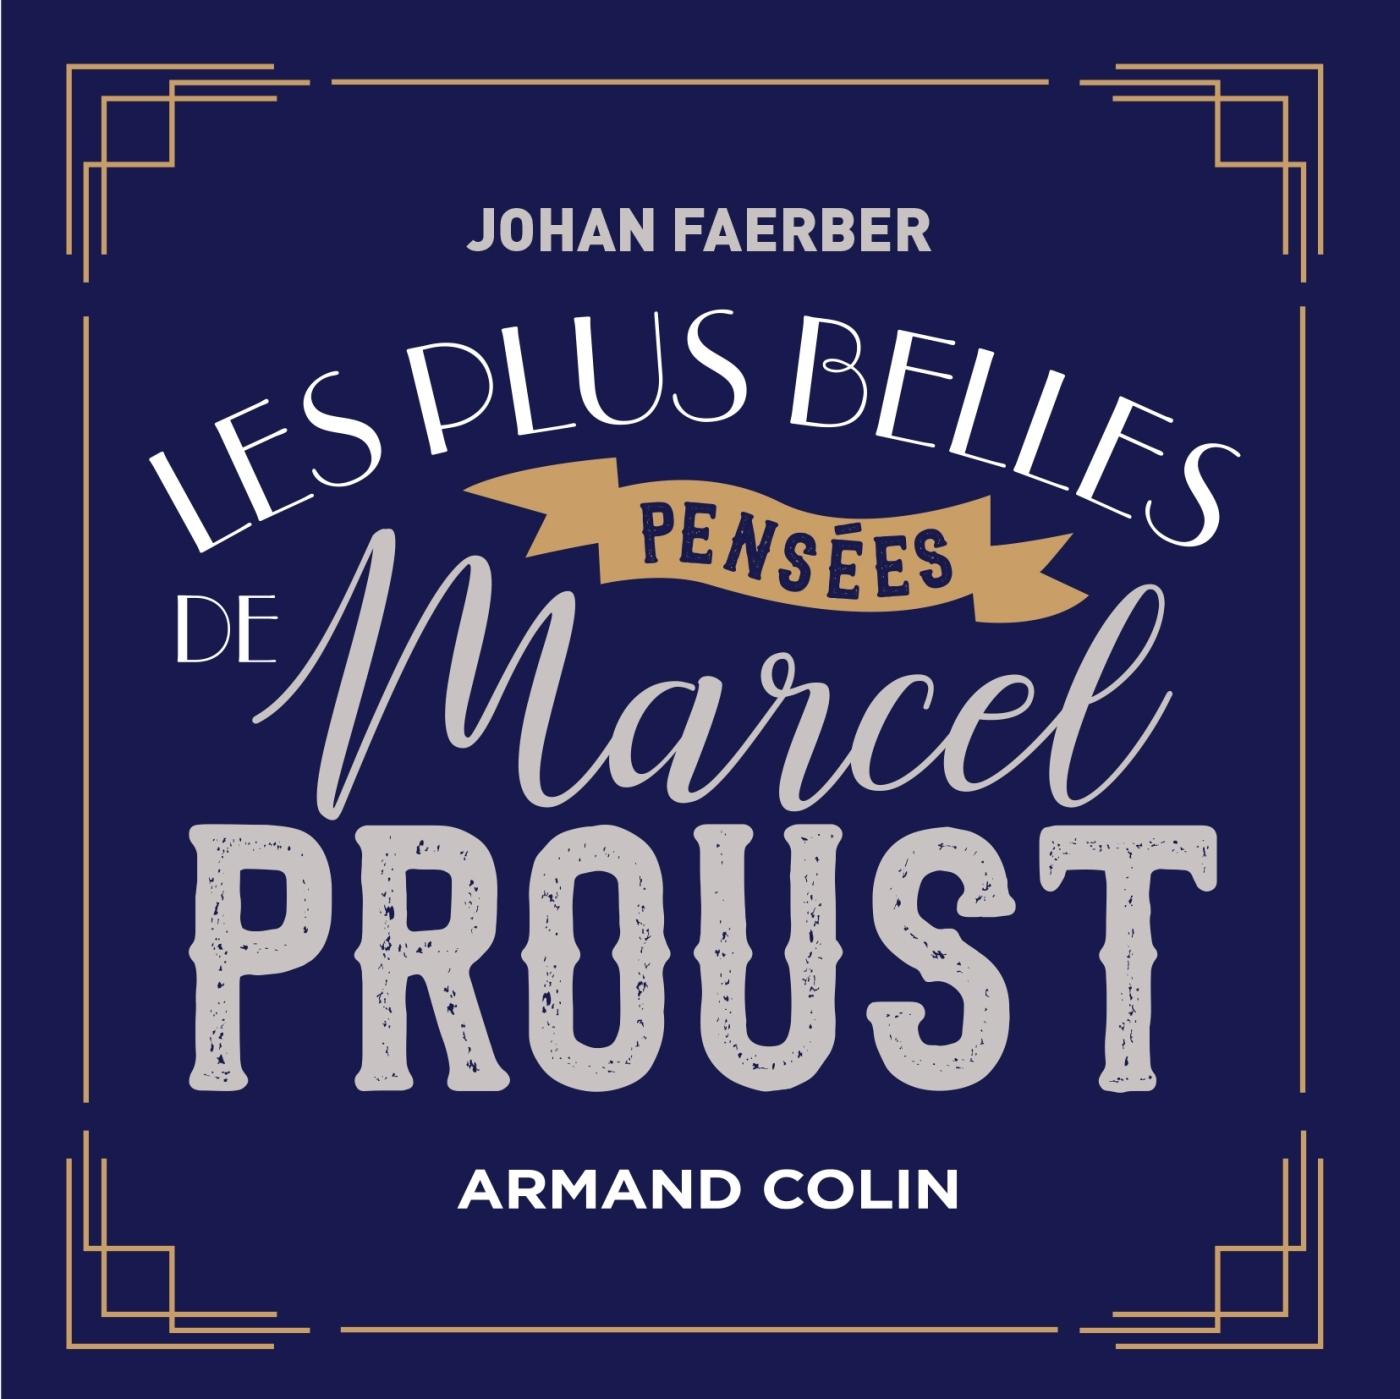 LES PLUS BELLES PENSEES DE MARCEL PROUST